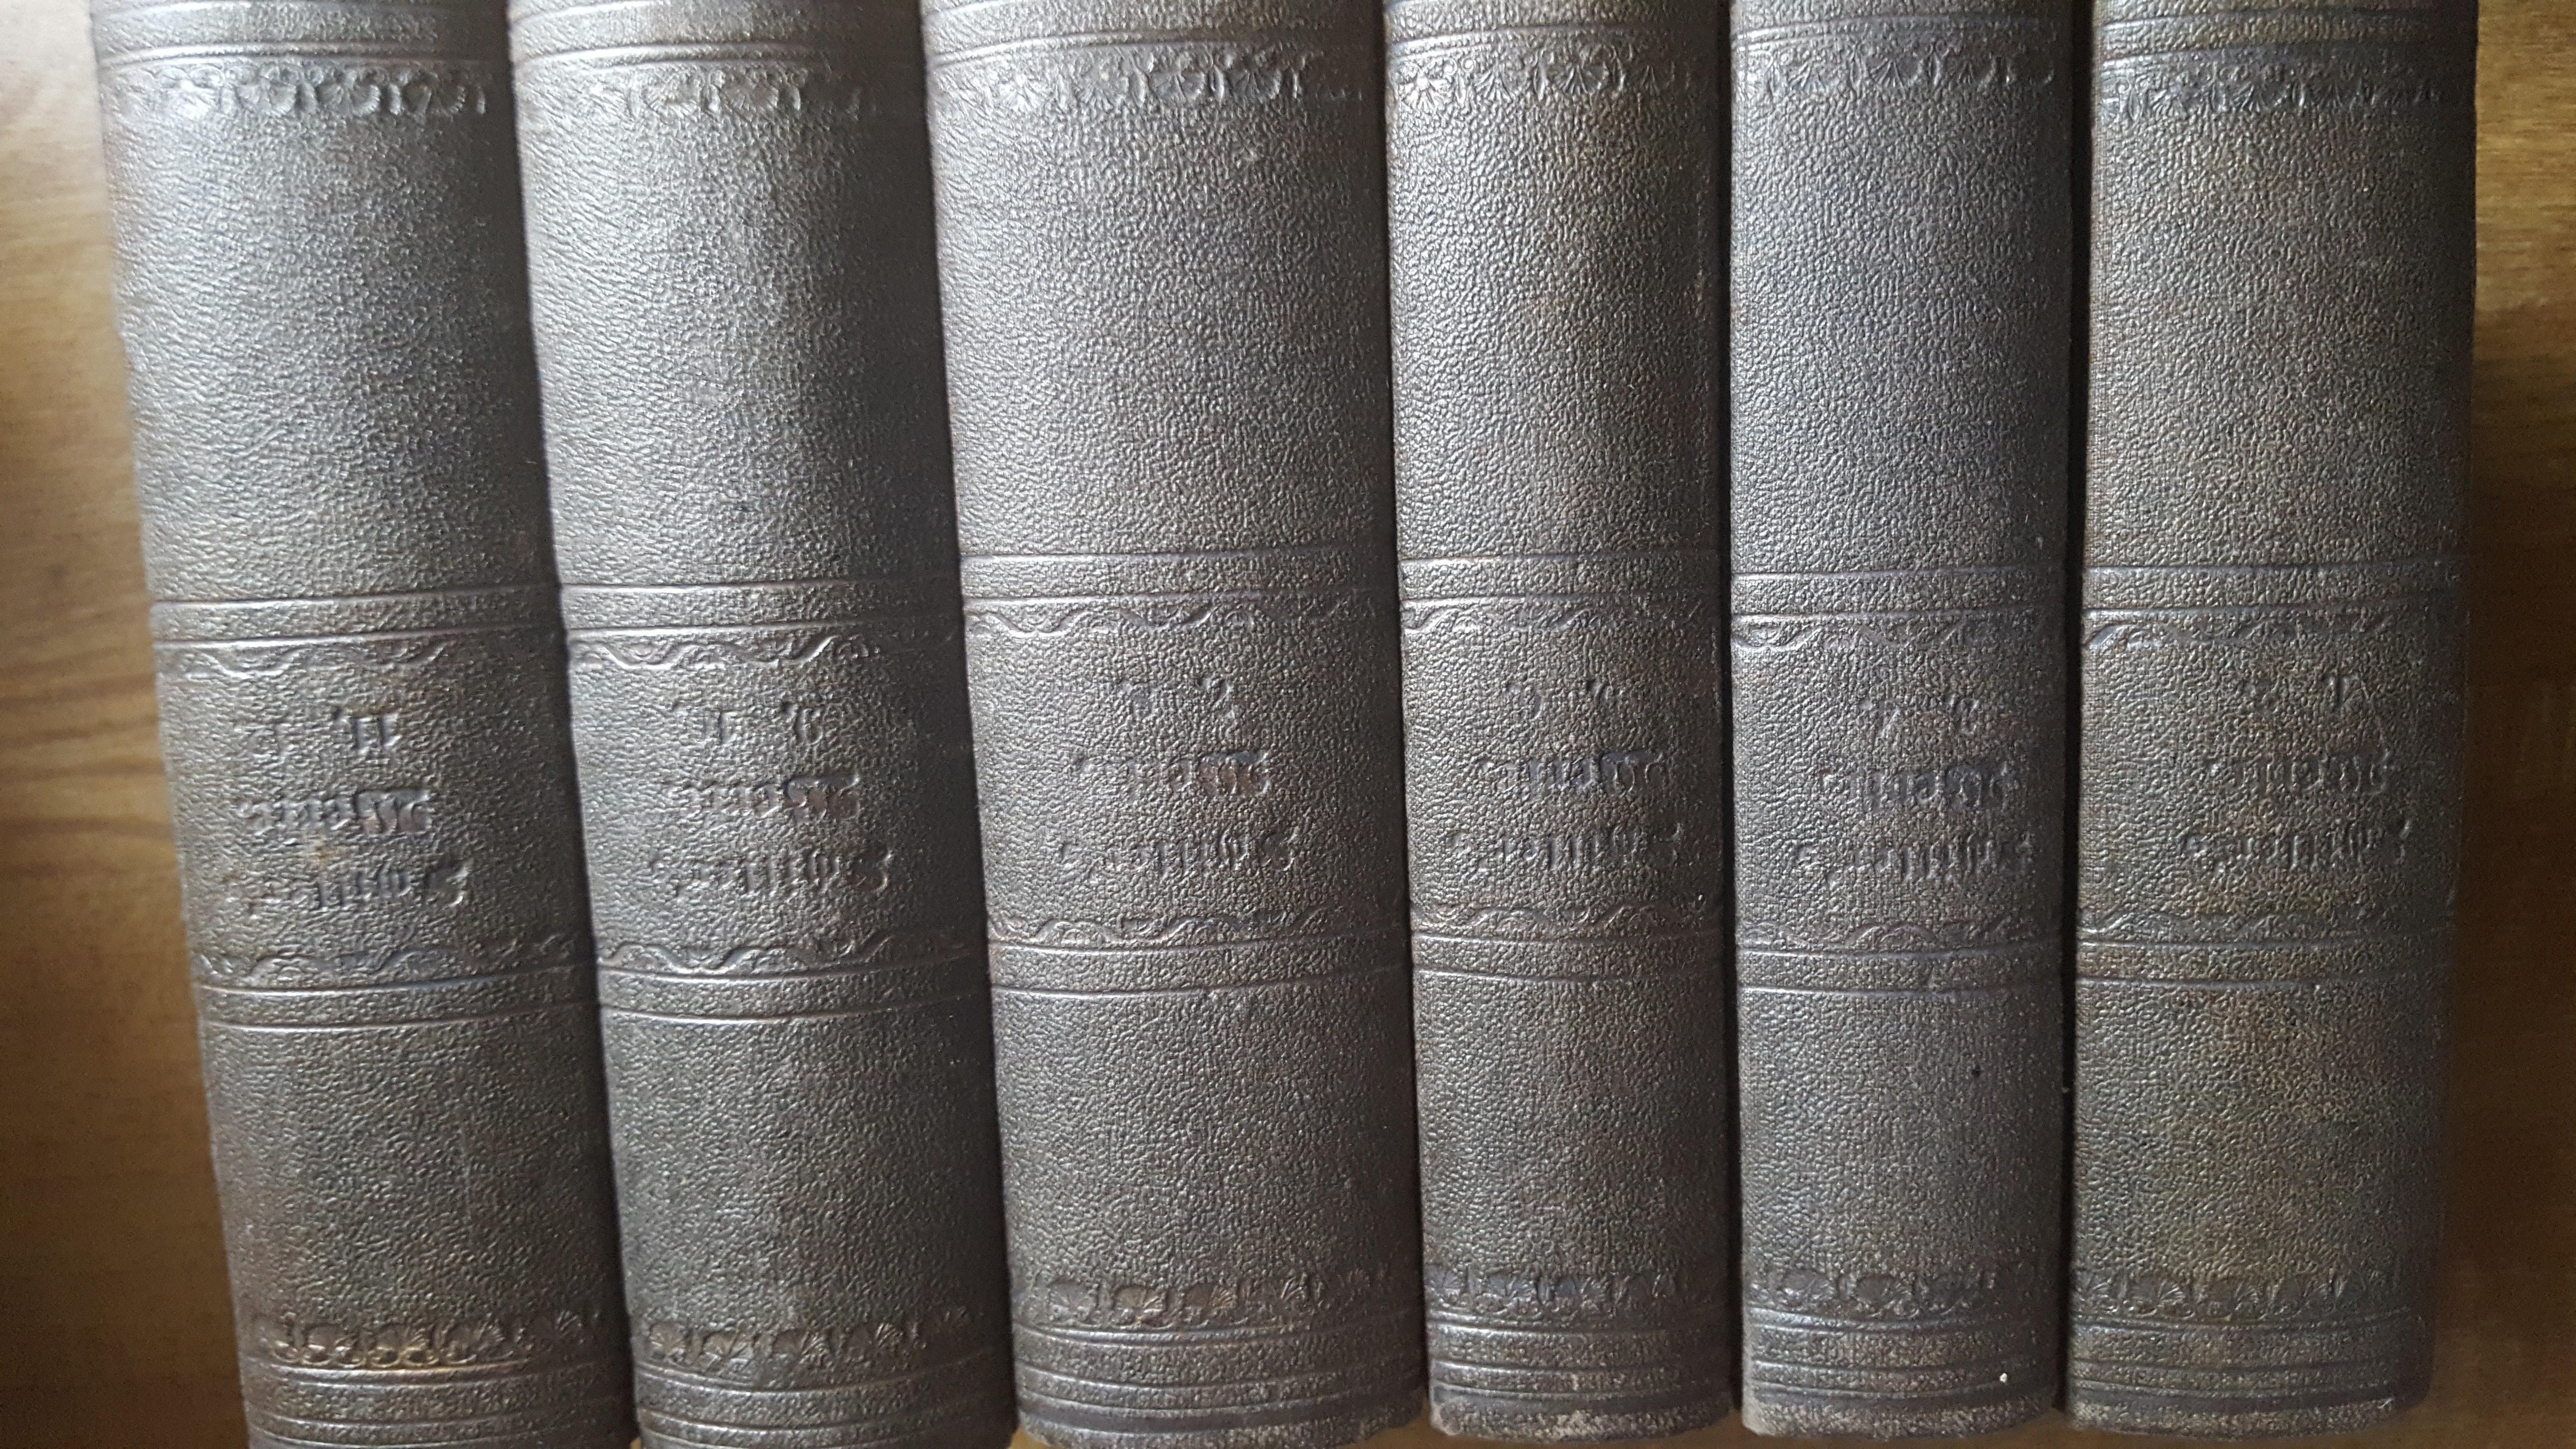 Schillers ausgewählte Werke 12 Bände in 6 Büchern   1867 . 103